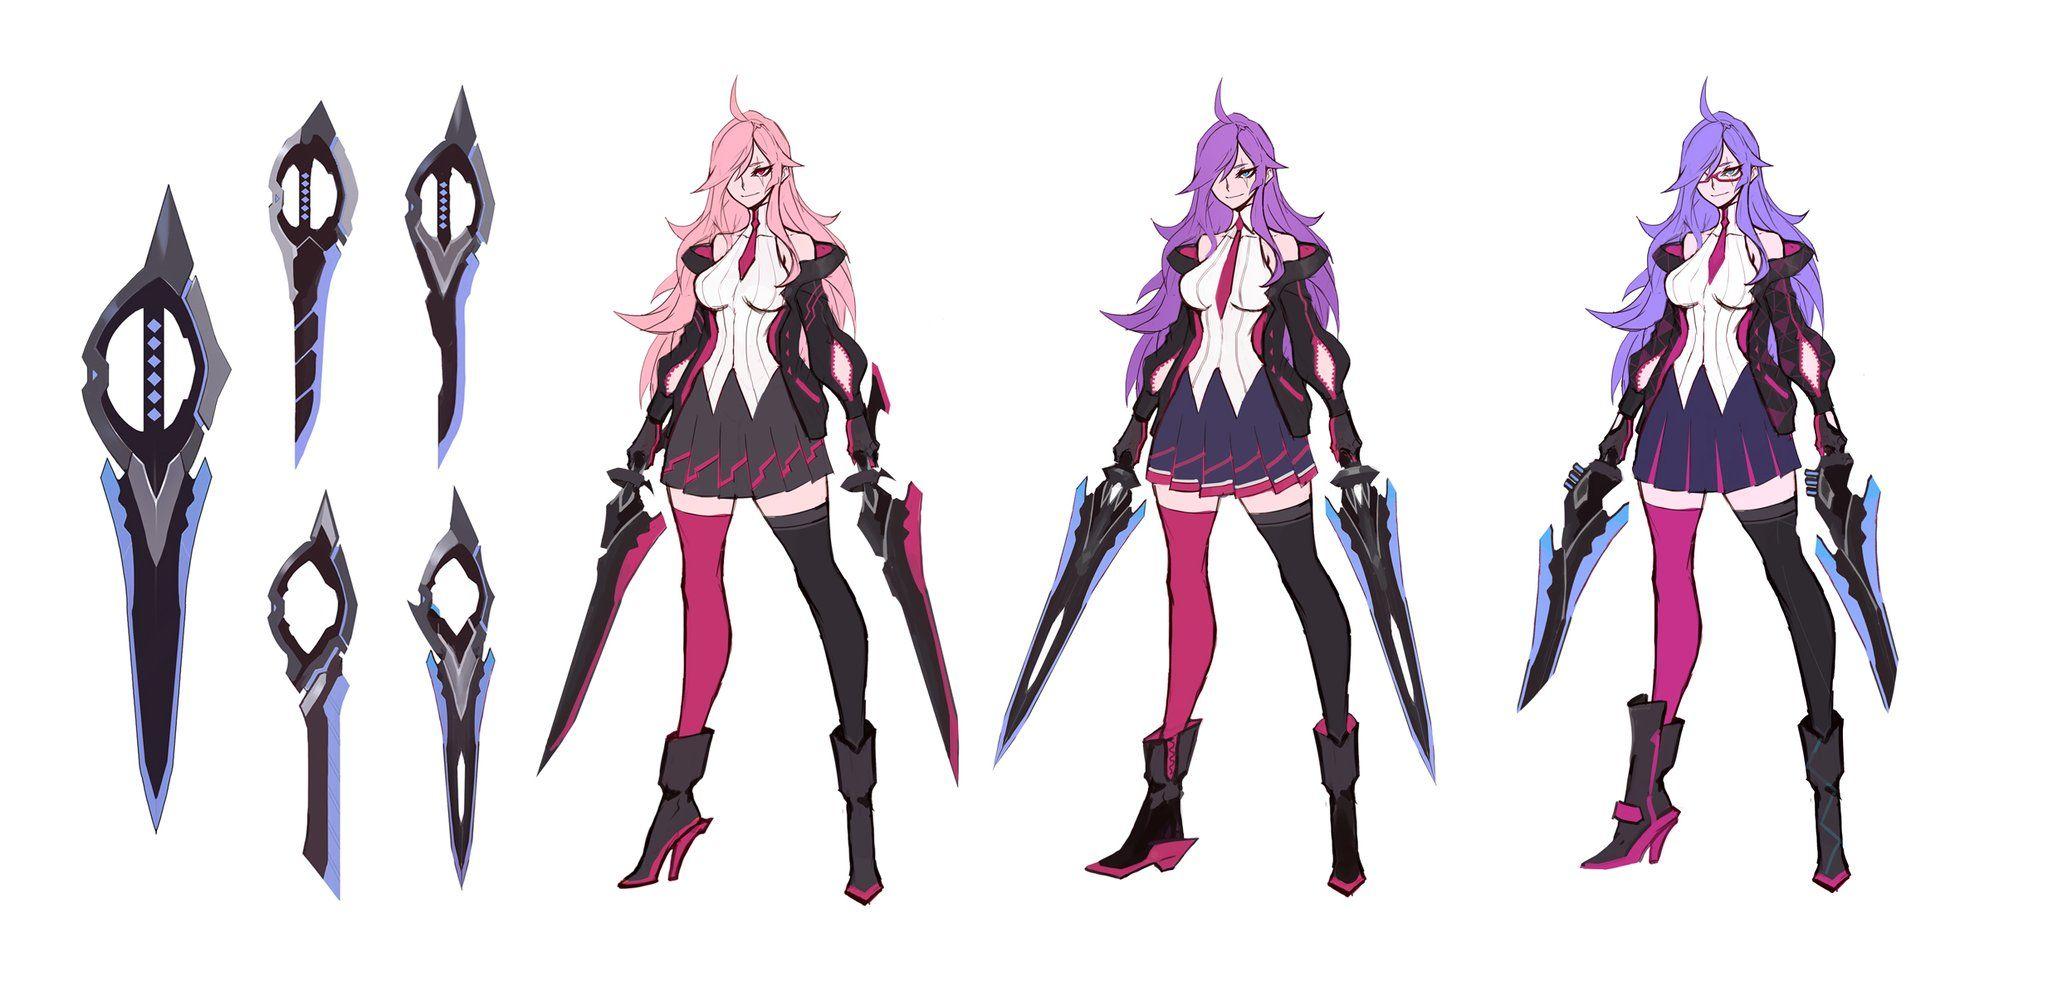 Liyart On Twitter League League Of Legends Character Design